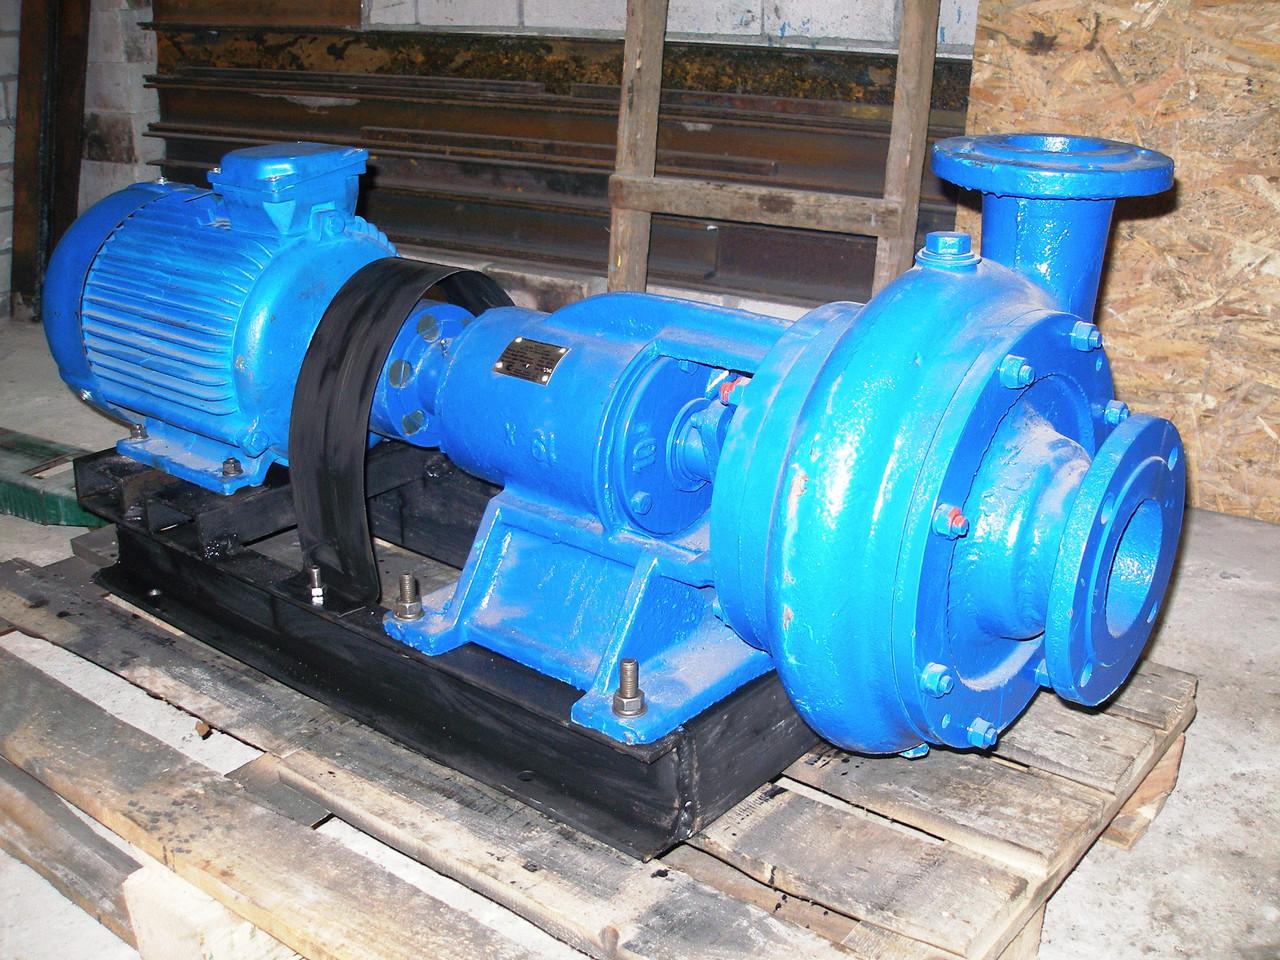 Насос фекальный СД 450/22,5б с эл.двиг.45 кВт/1000 об.мин